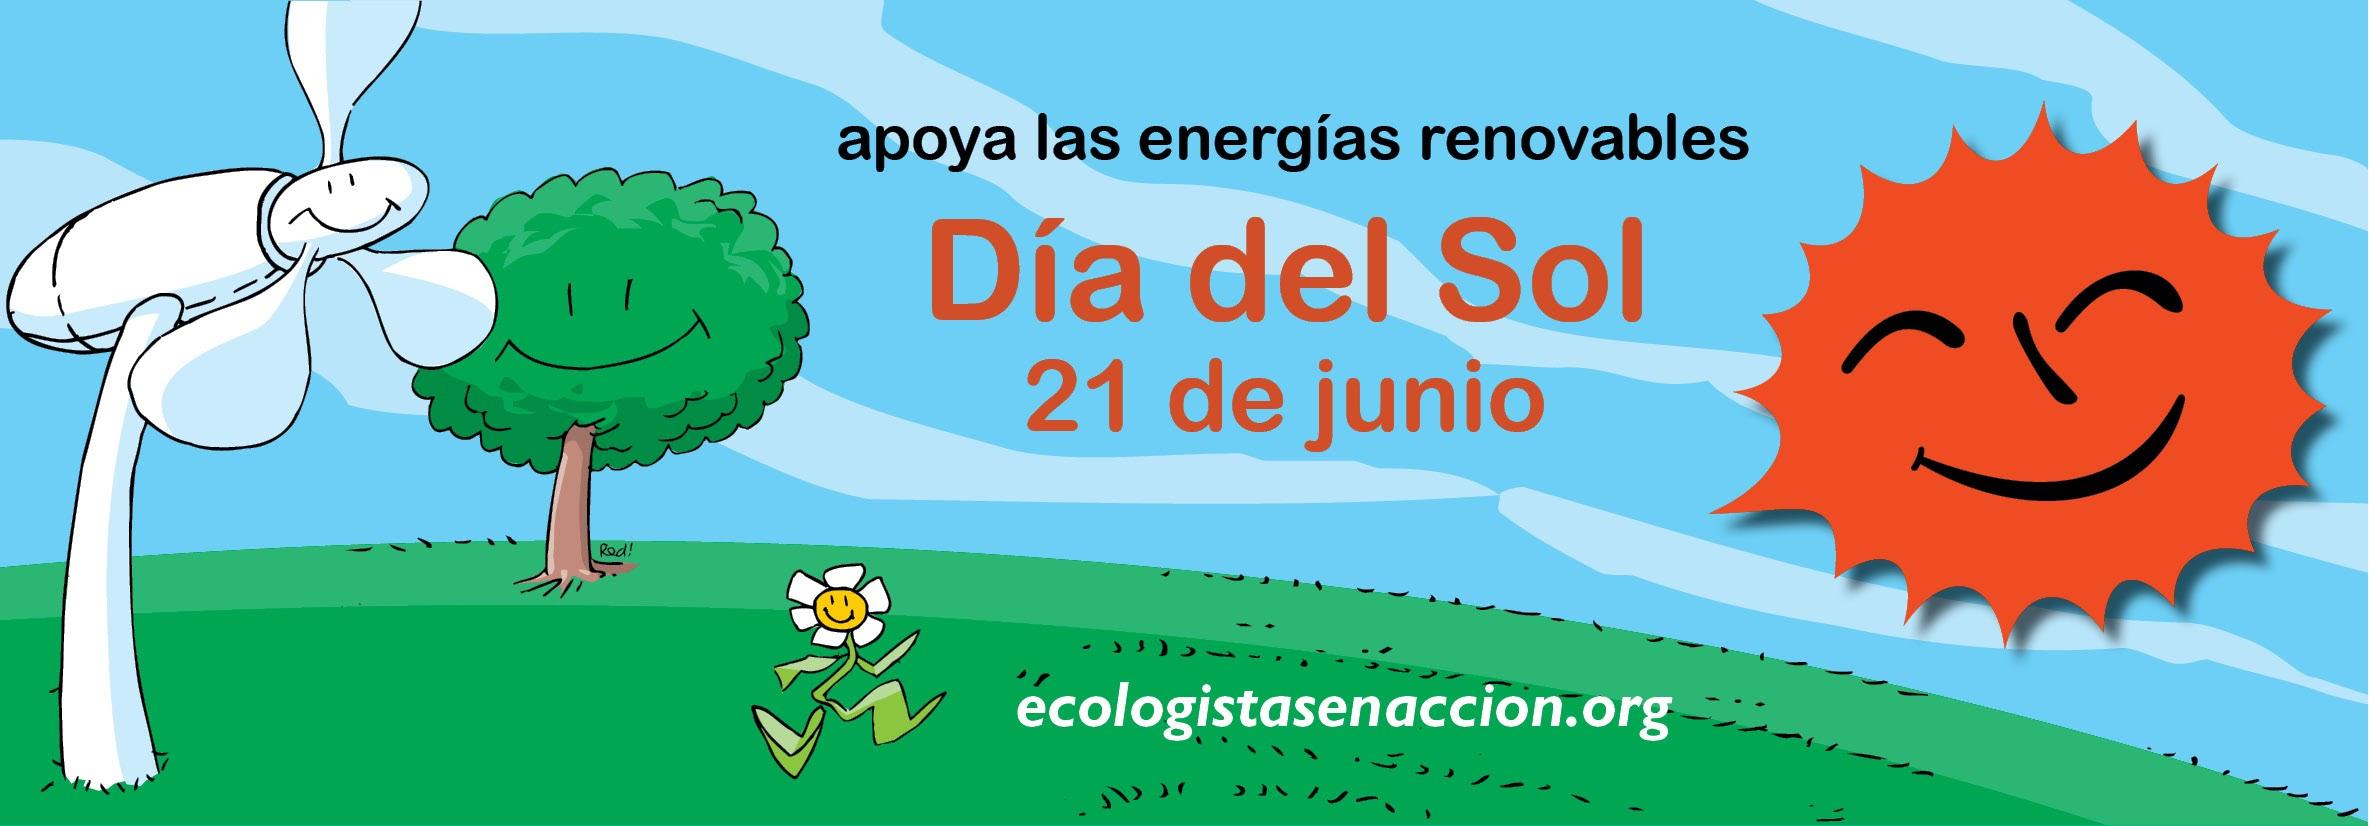 Día del Sol • Ecologistas en Acción